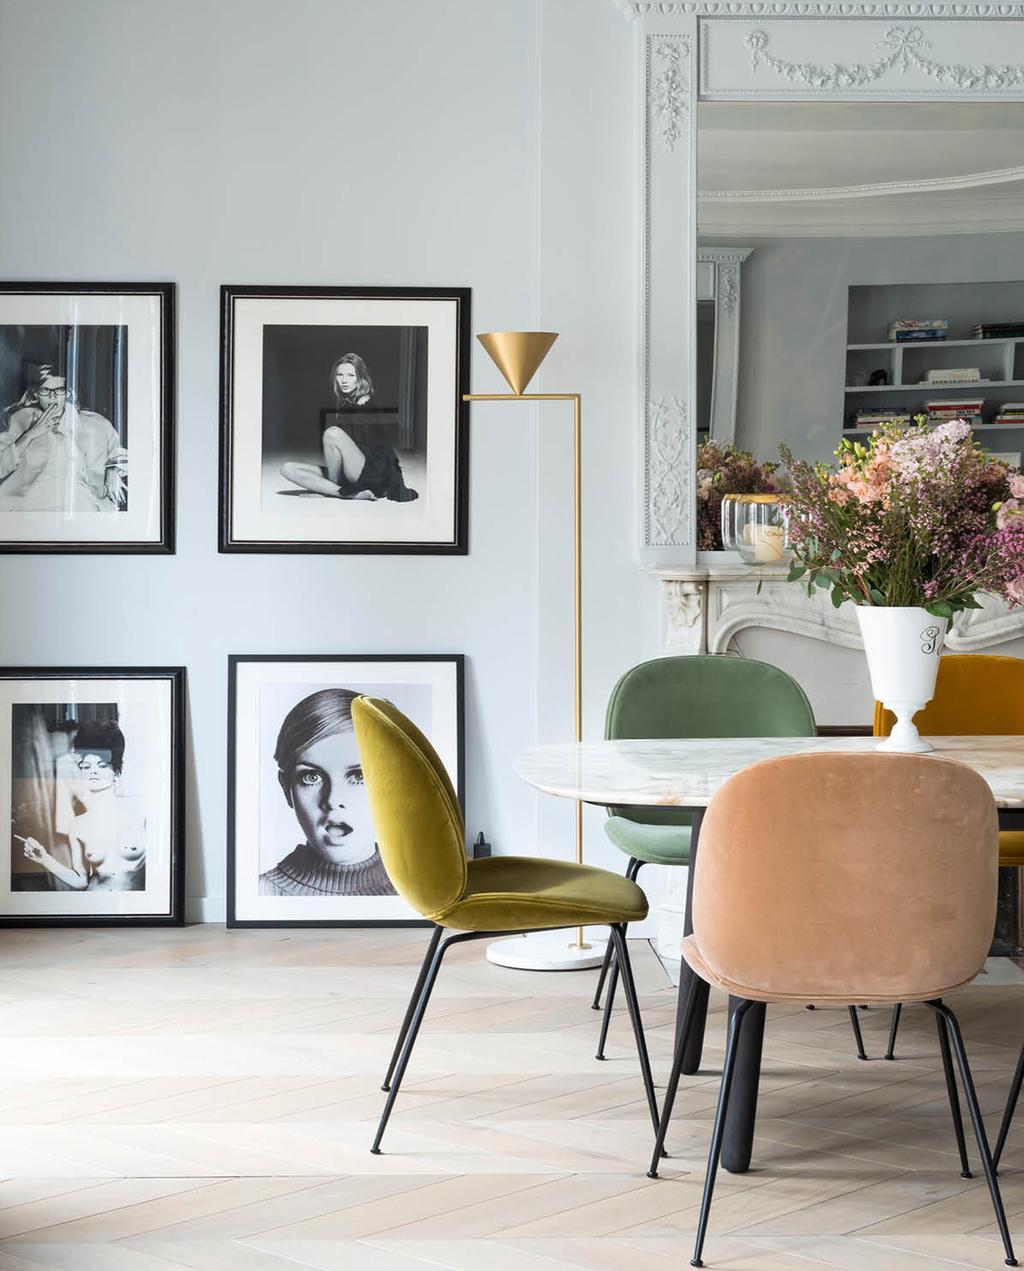 vtwonen 02-2019 | eetkamer stoelen in verschillende kleuren